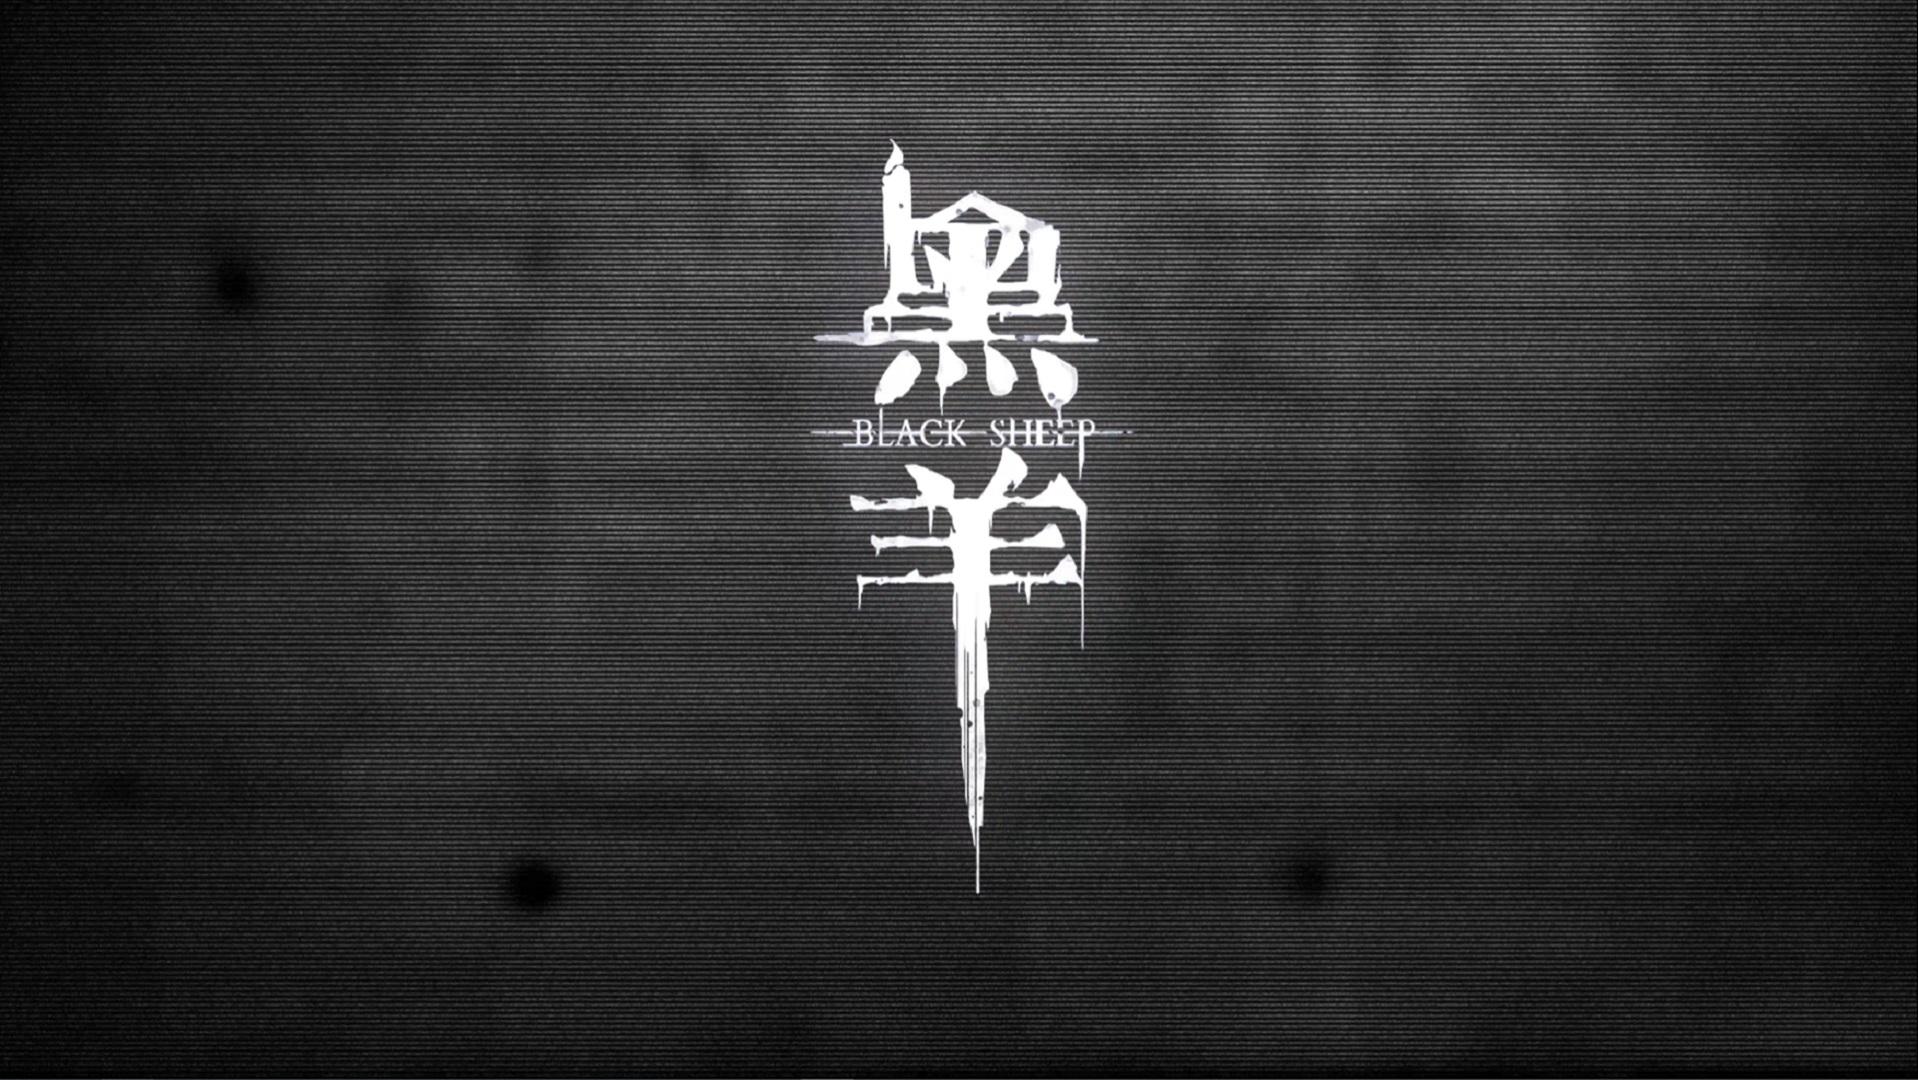 国产惊悚悬疑游戏《黑羊》发布TGS预告片 2022年发售